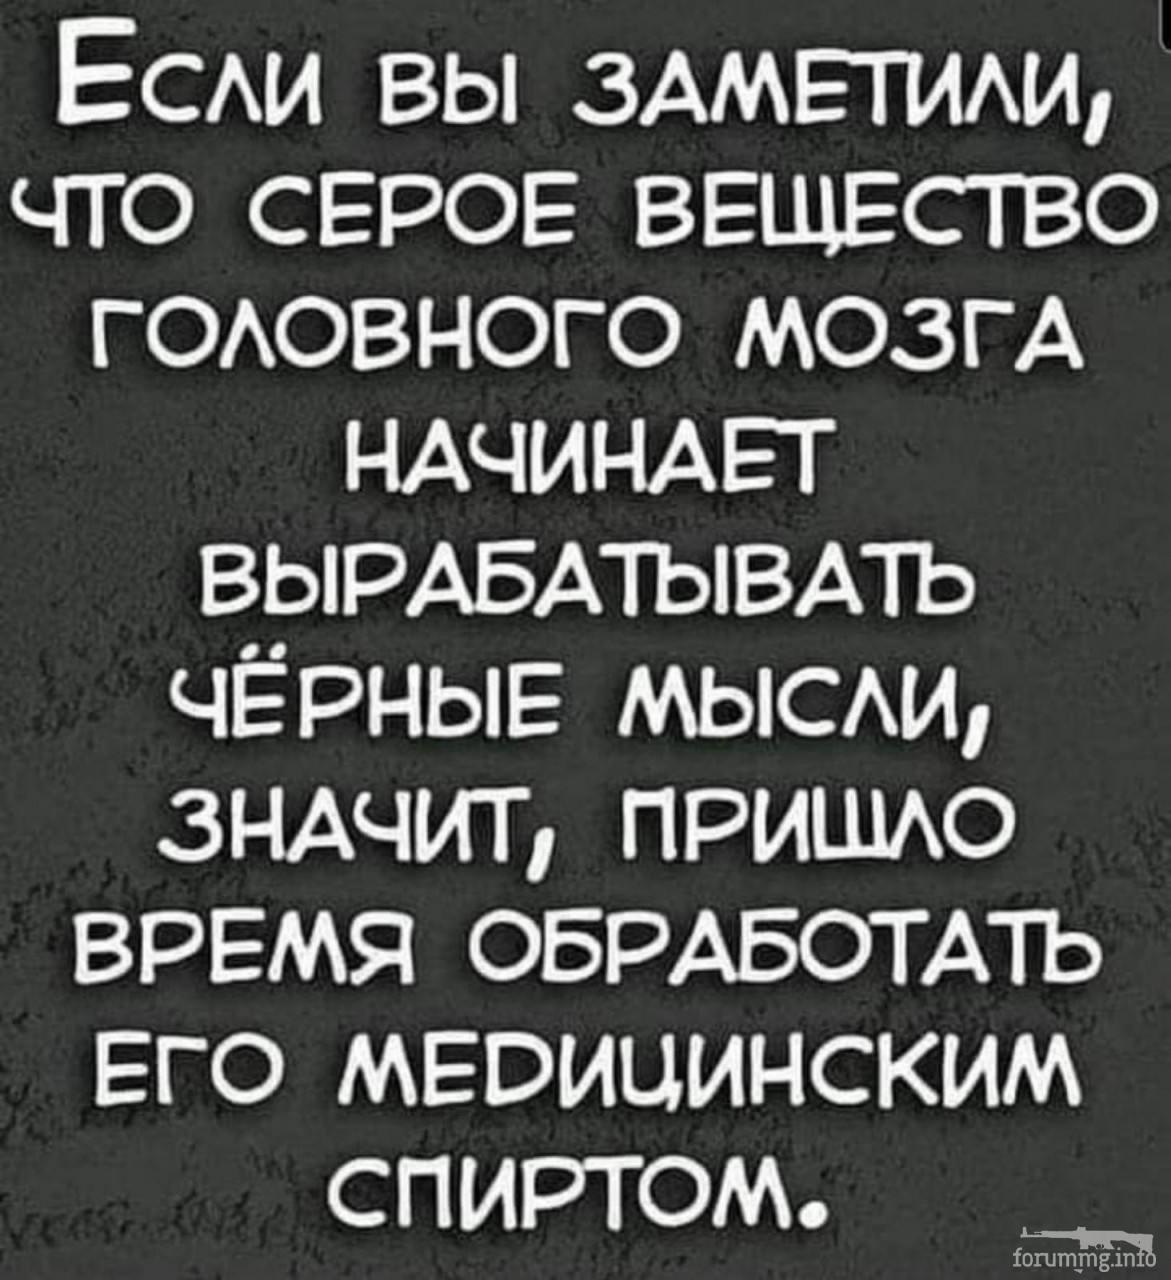 128182 - Пить или не пить? - пятничная алкогольная тема )))